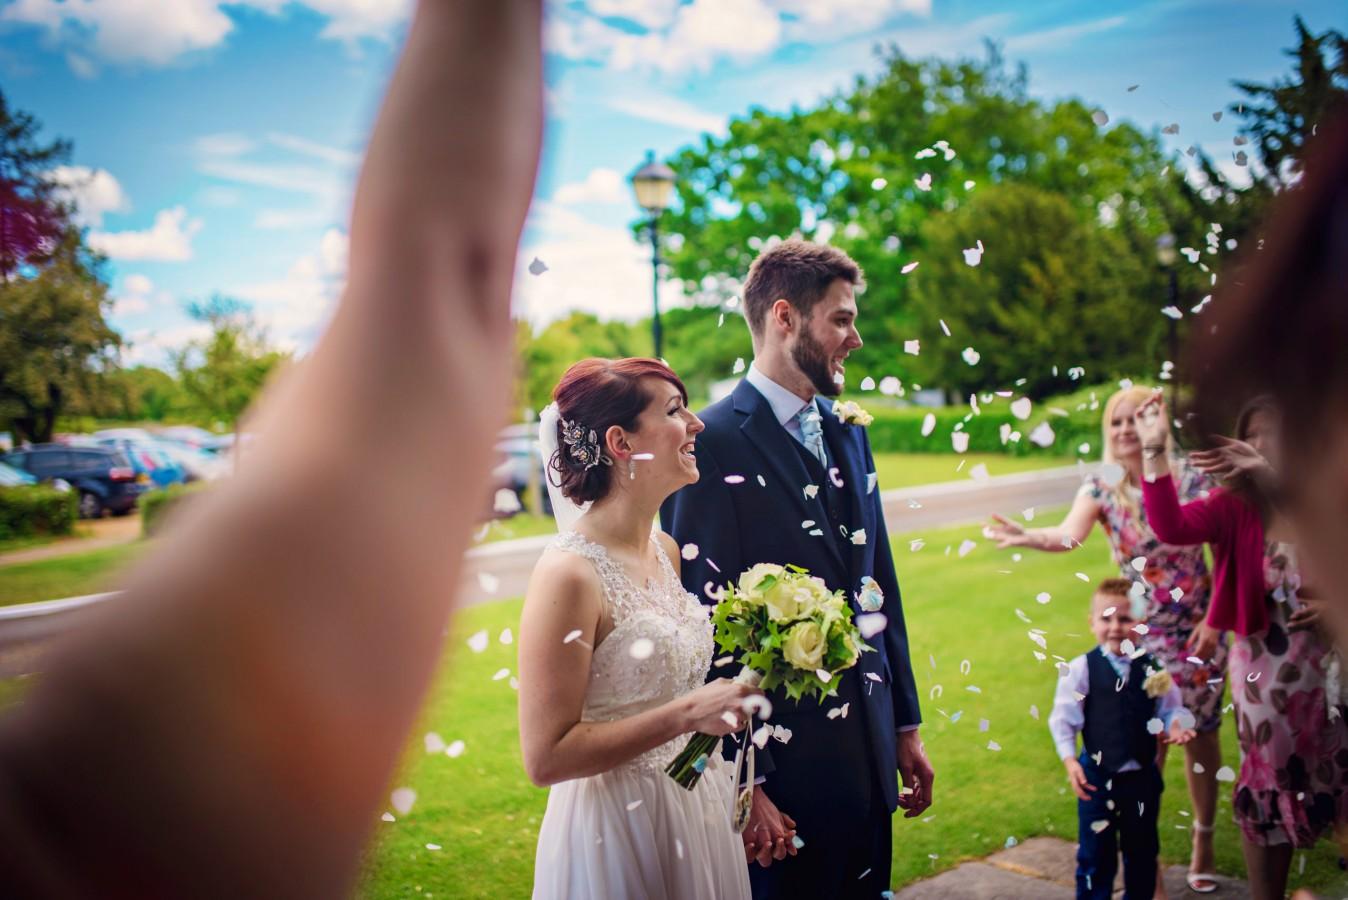 Hampshire Wedding Photographer - GK Photography-52